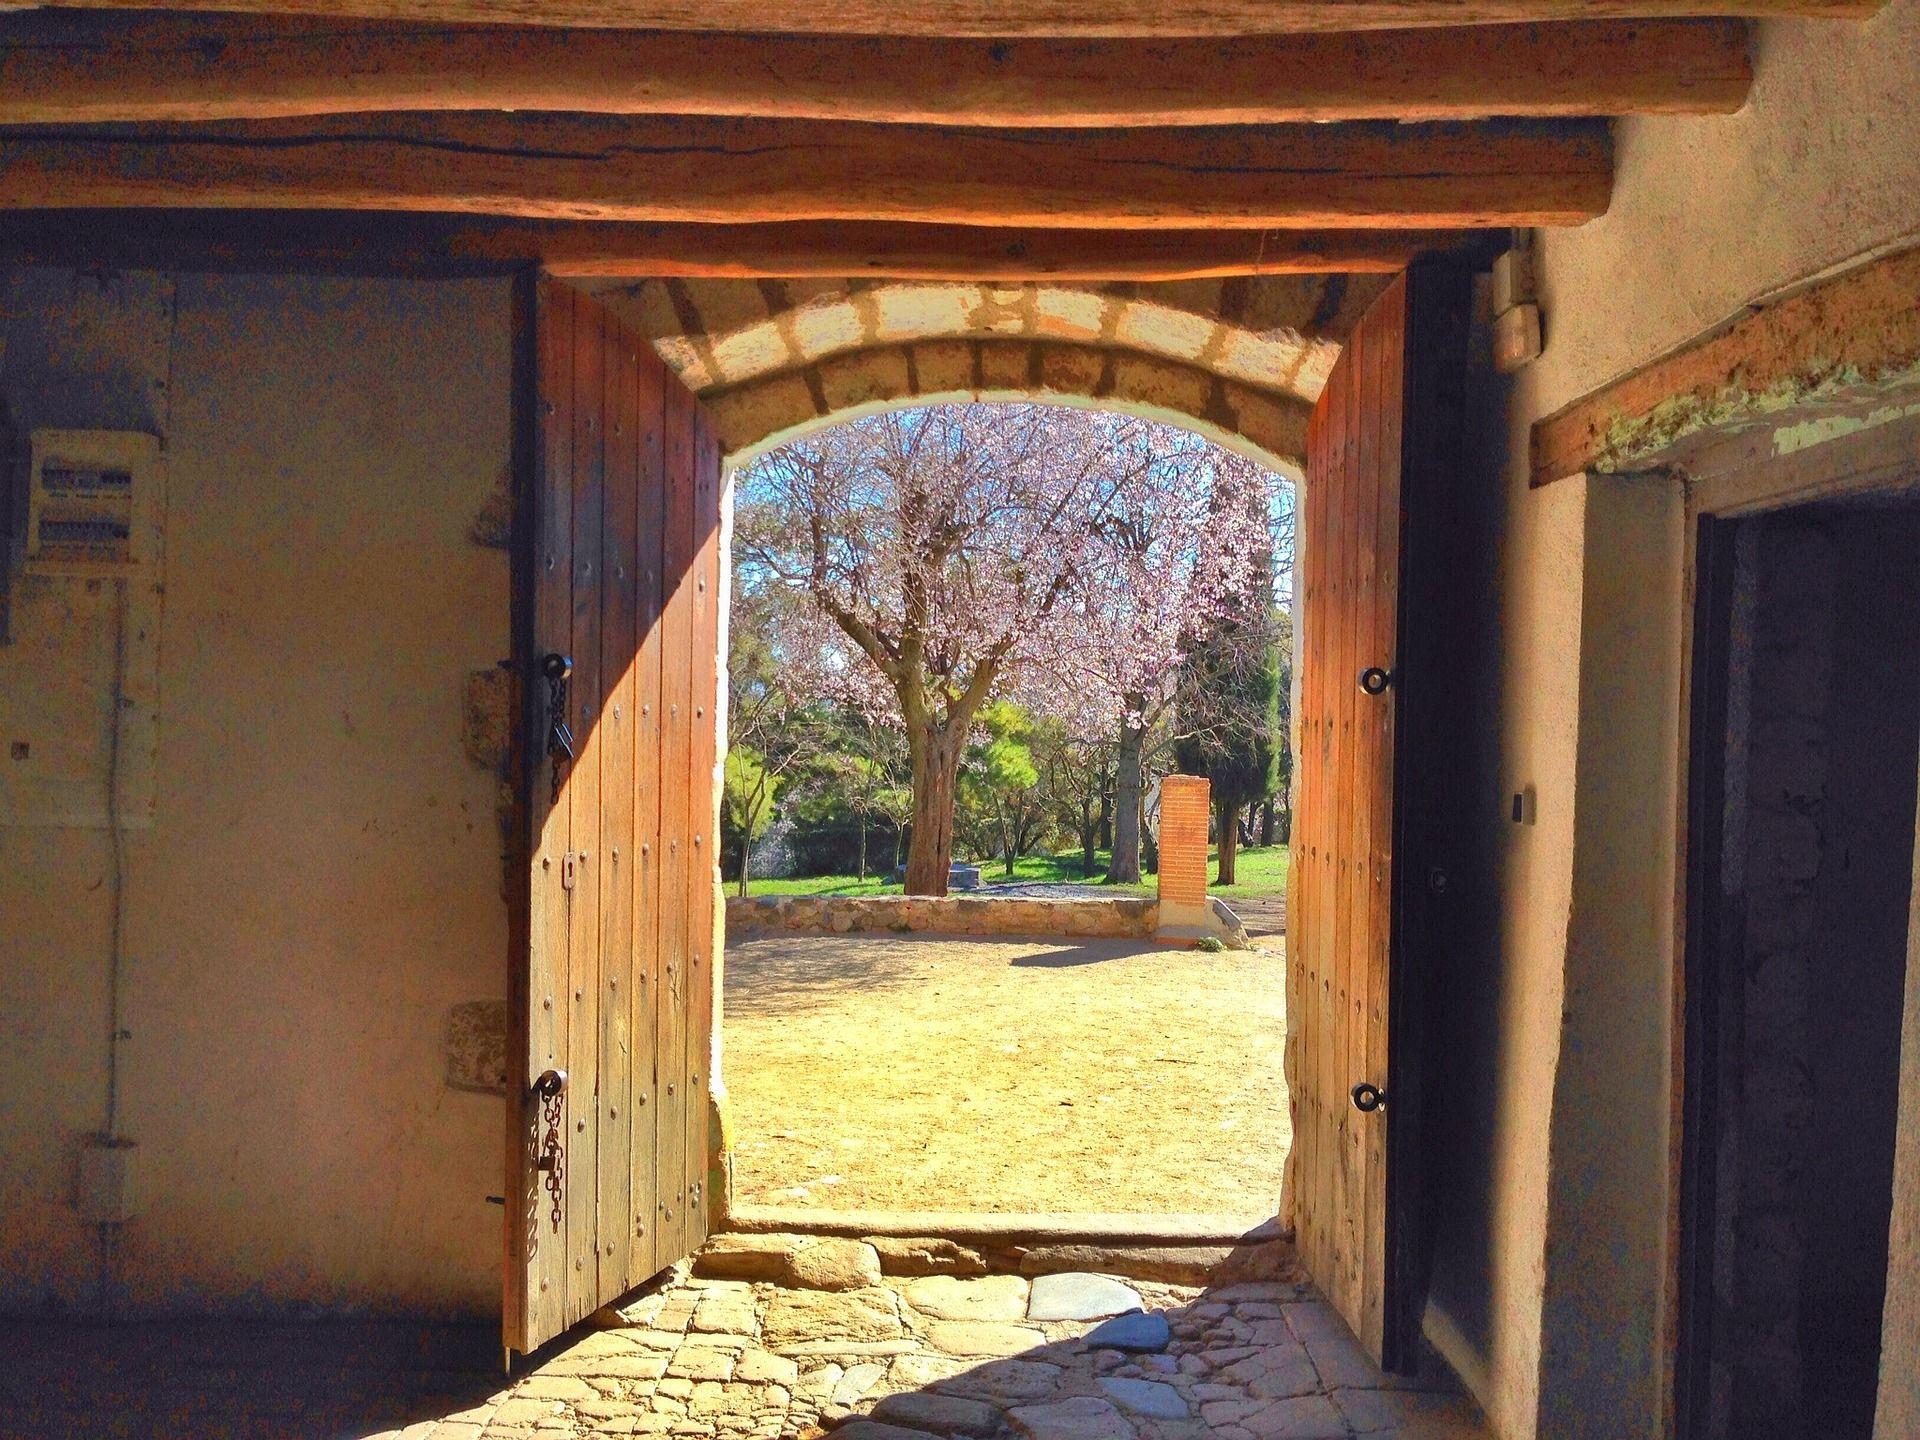 Vanhan rakennuksen oviaukko, josta paistaa aurinko.